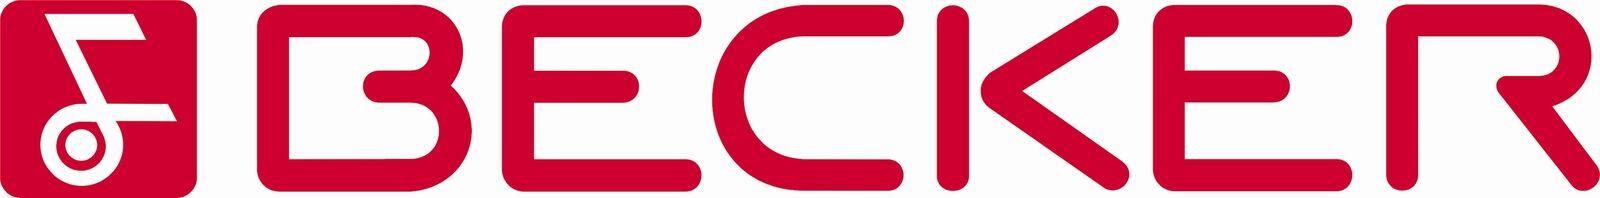 Becker Autosound, LLC